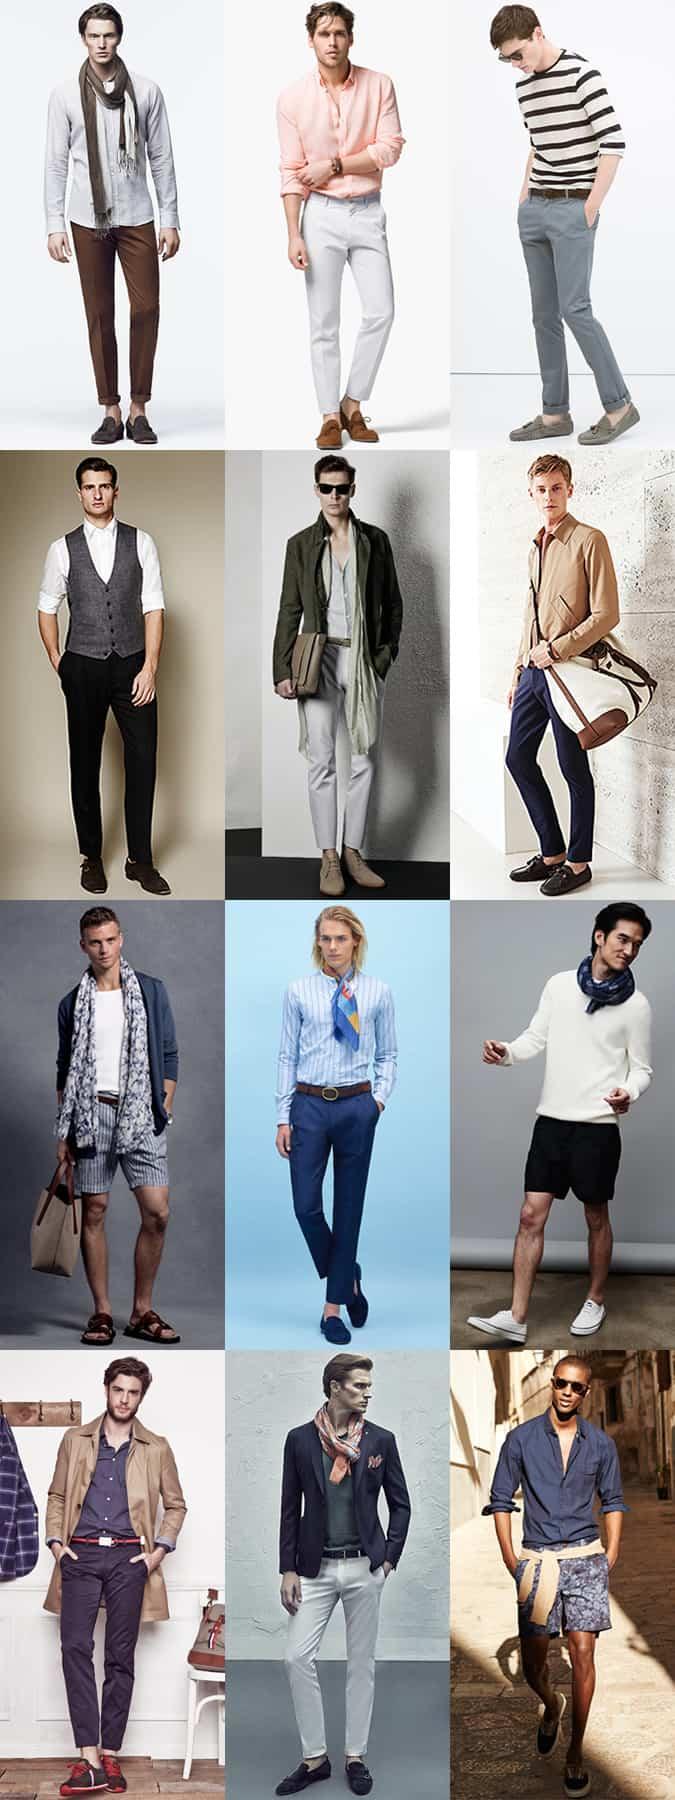 Tenues d'été pour hommes Tweaks - sans chaussettes, écharpes légères, manches retroussées - Lookbook